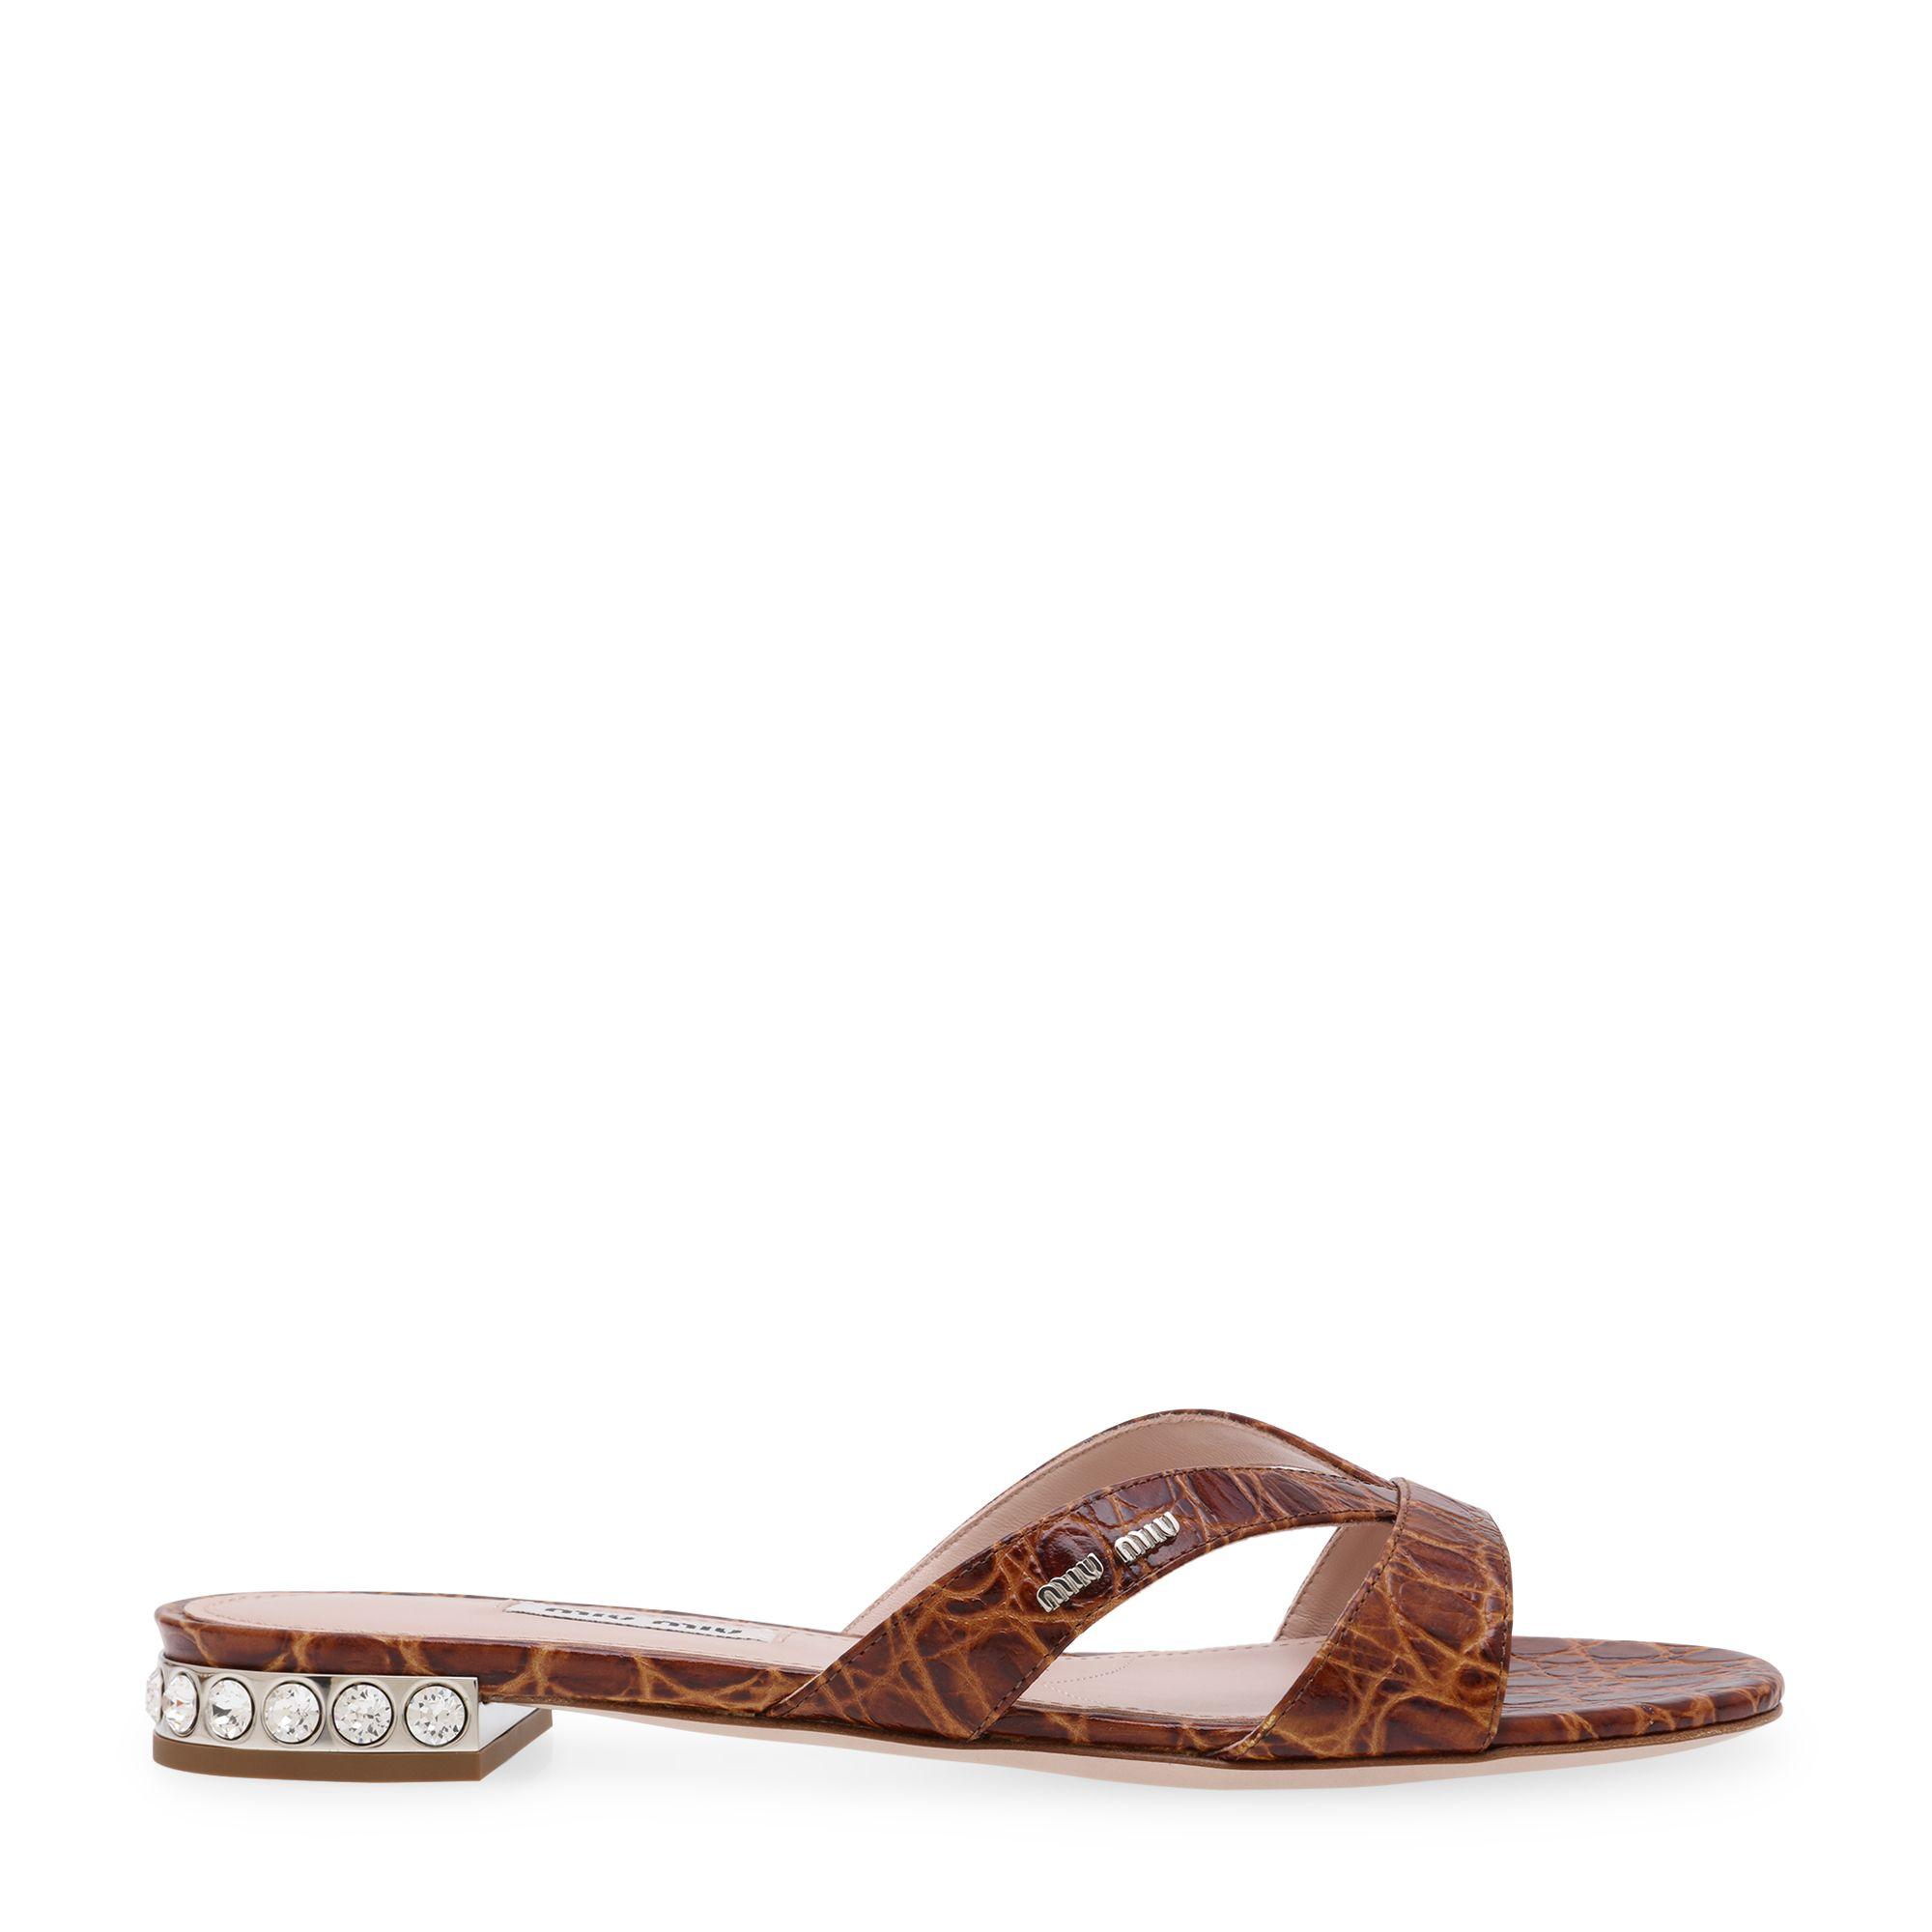 Crystal-embellished flat sandals